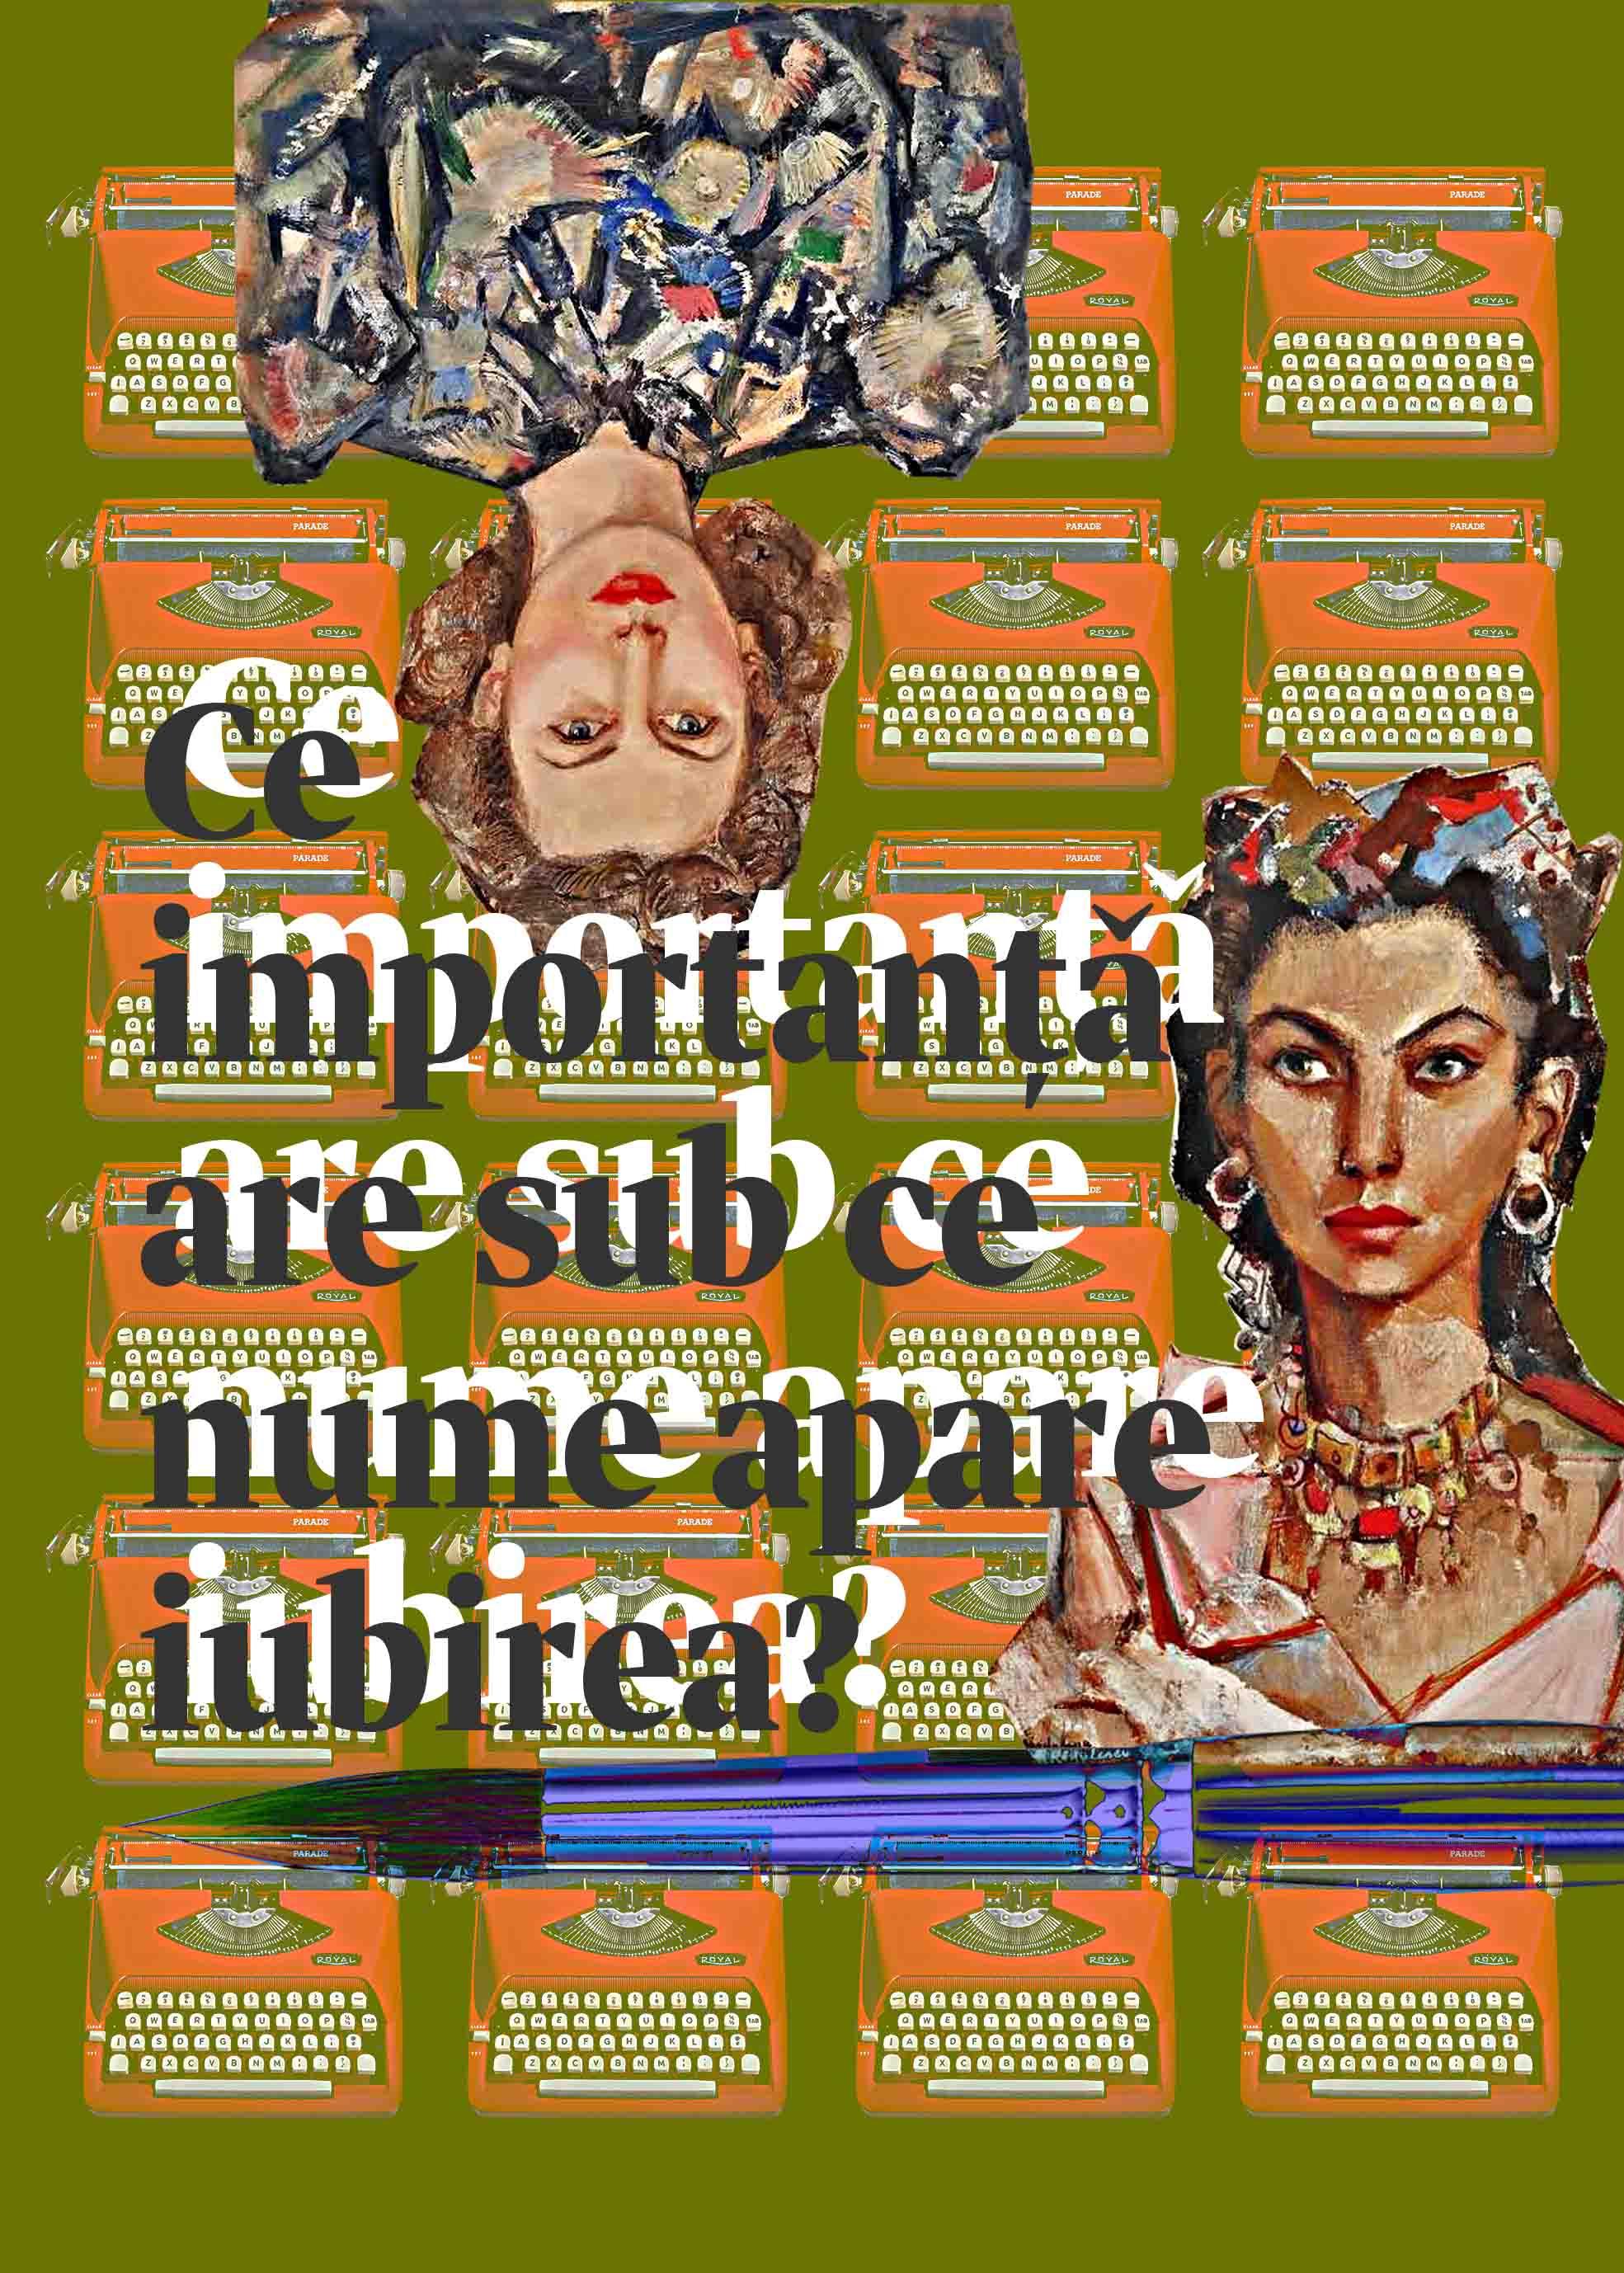 intalnire-serghi-si-radulescu-cartolina-by-silvana-catalinescu